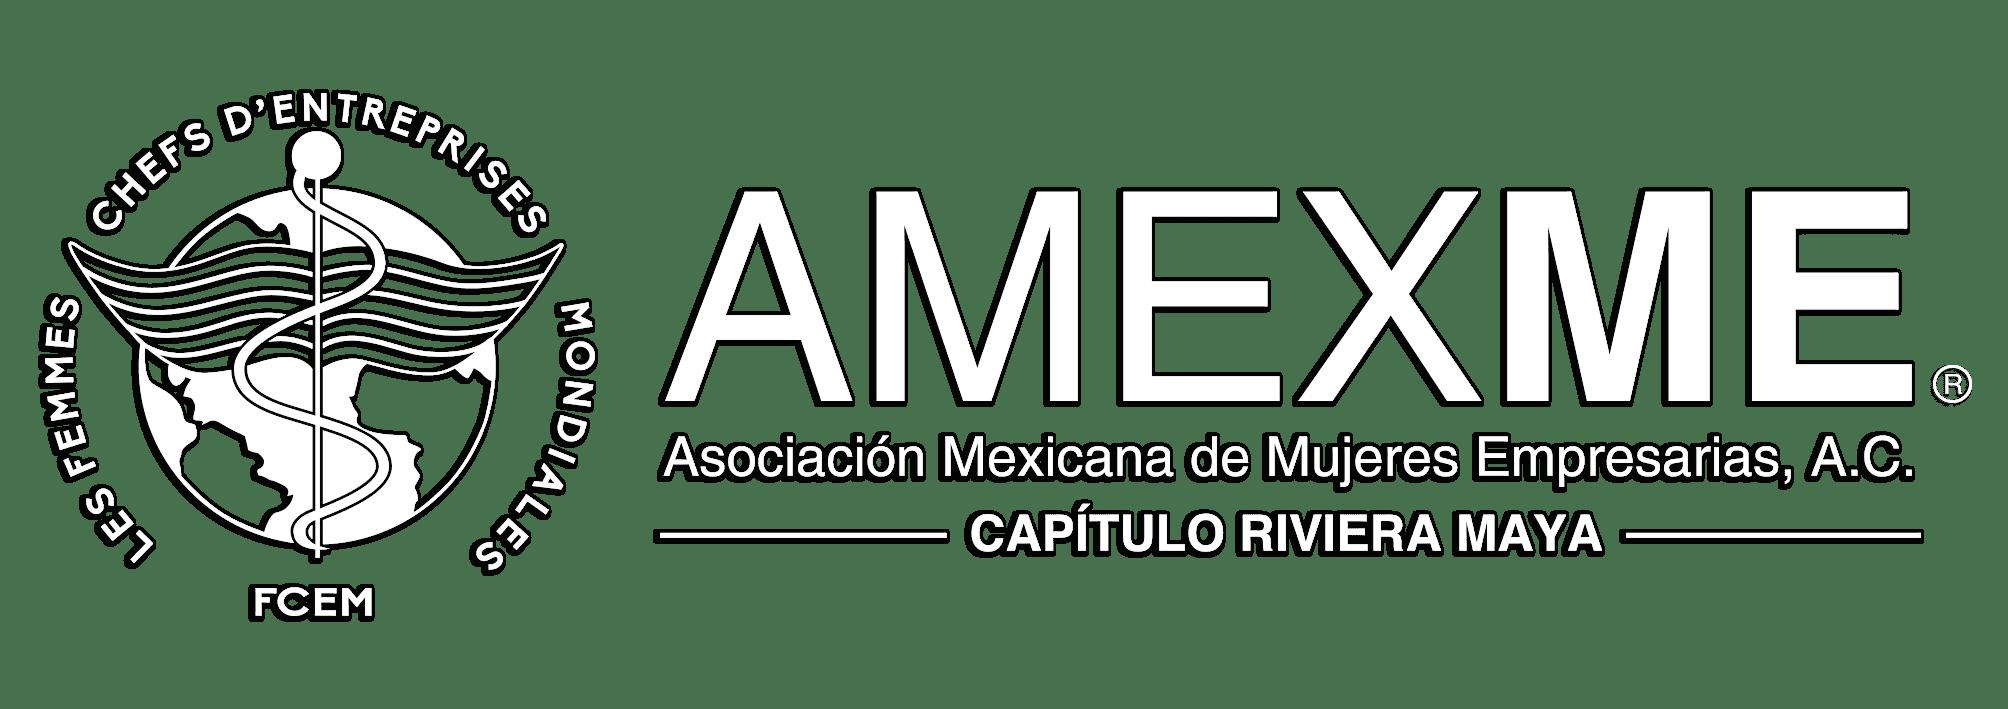 ASOCIACION DE MUJERES EMPRESARIAS DE MEXICO, JUNTAS INVENCIBLES